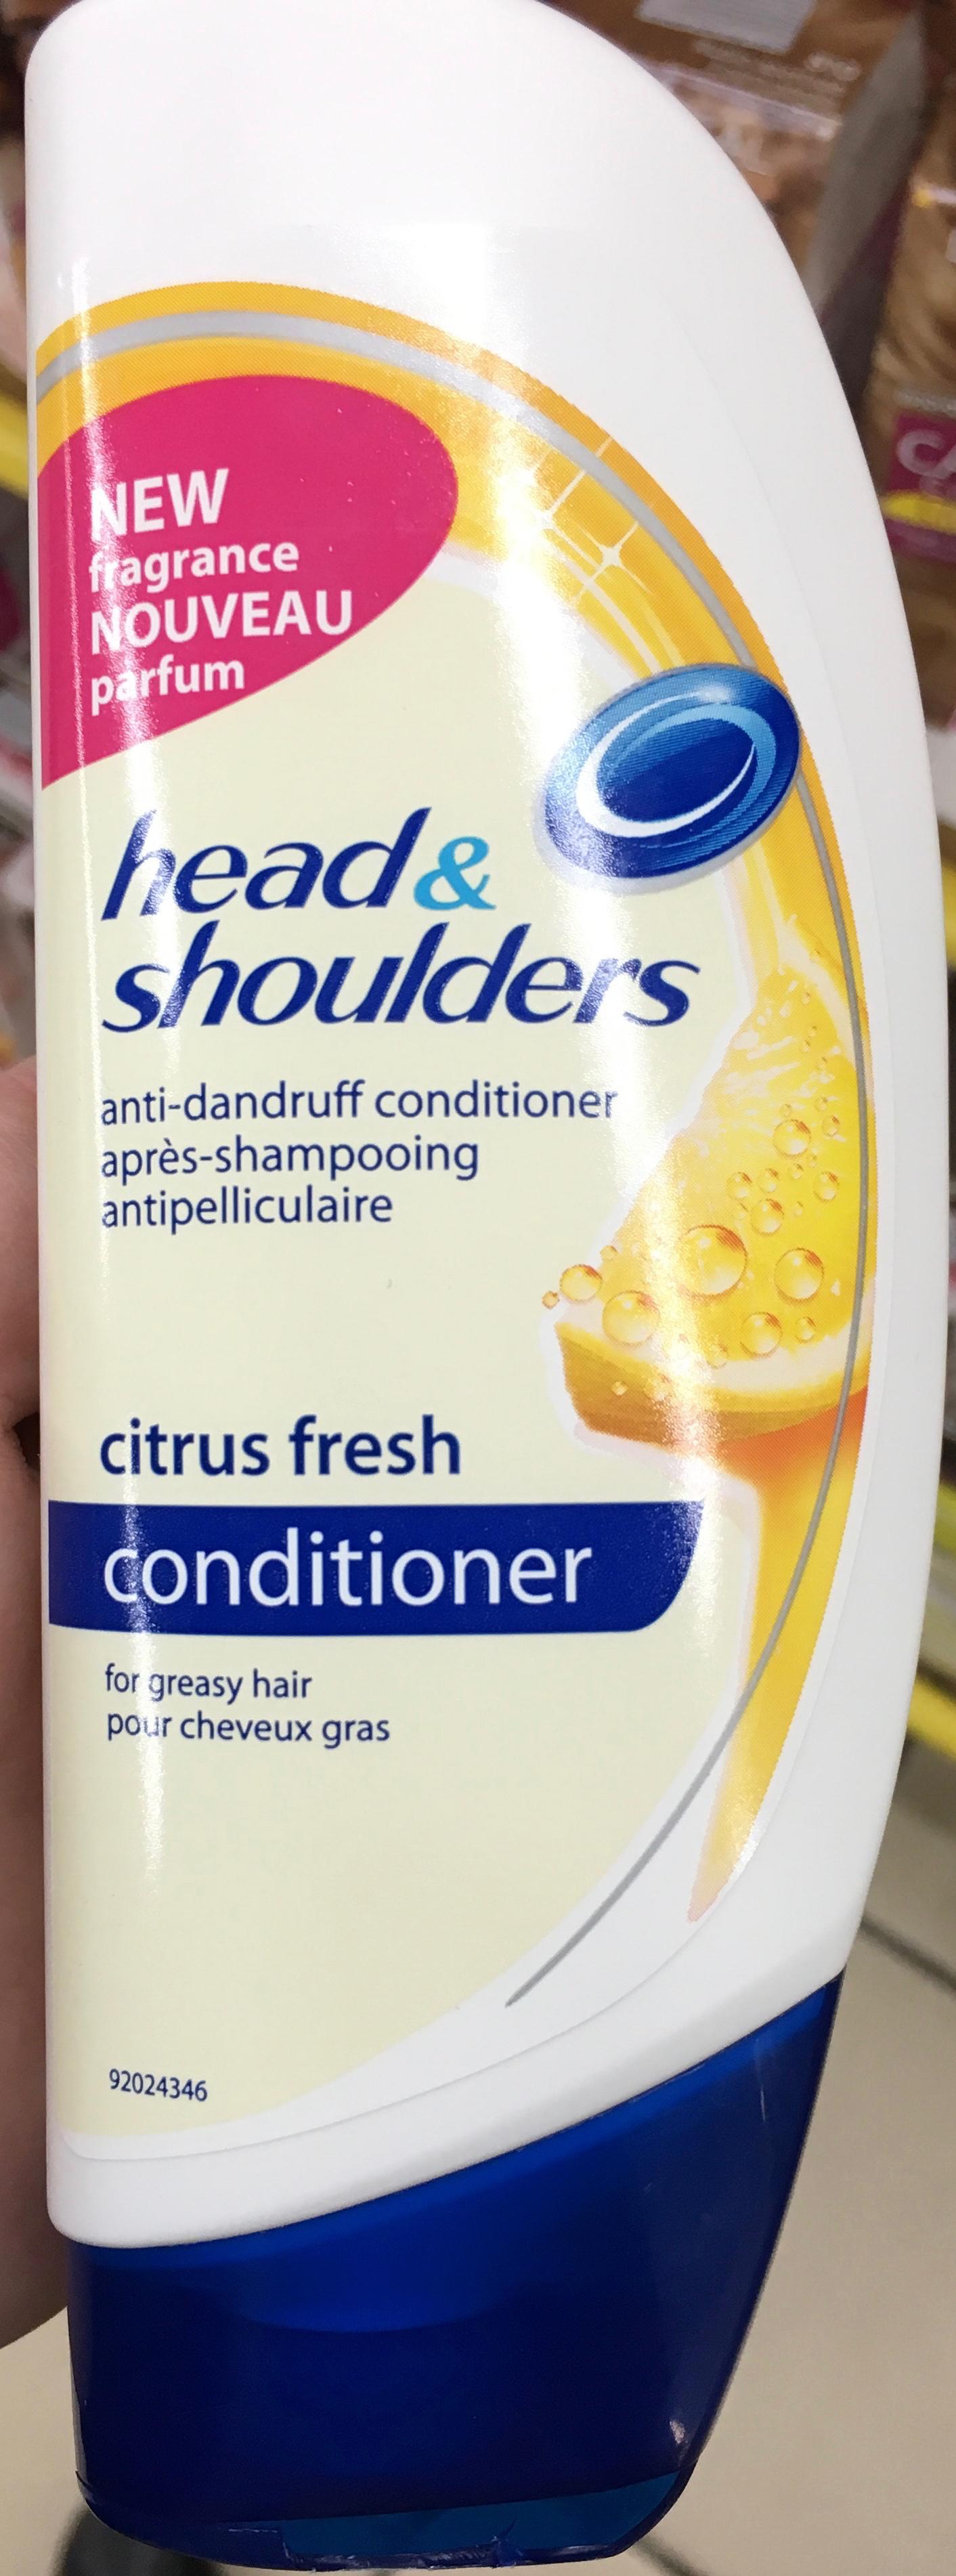 Après-shampooing antipelliculaire Citrus Fresh - Product - fr